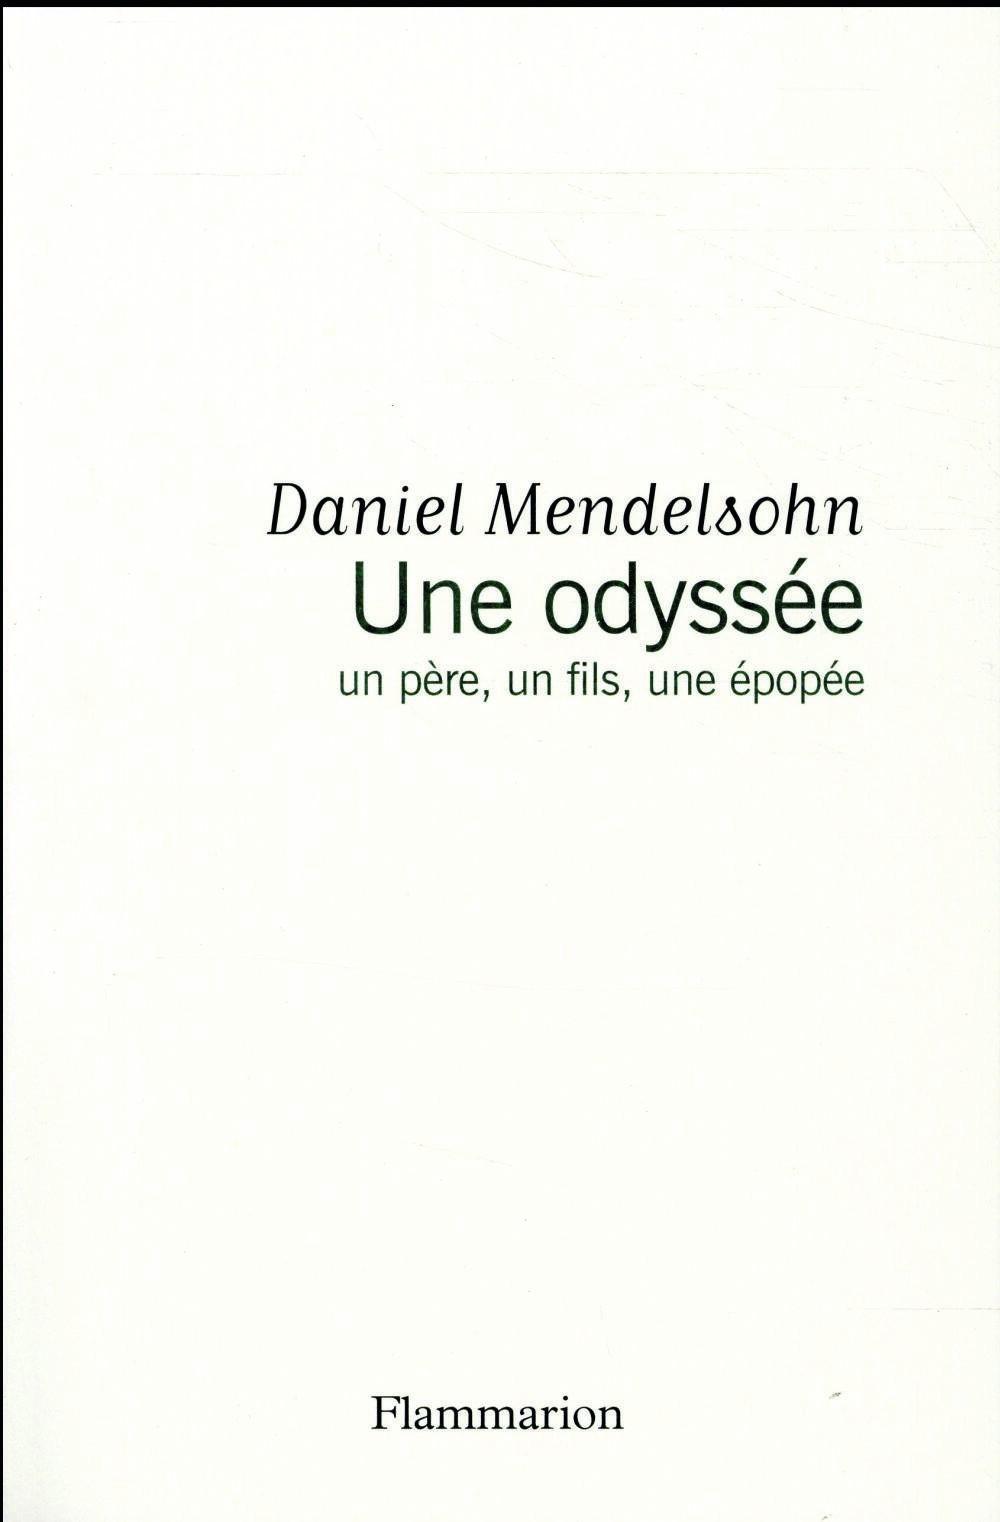 Daniel Mendelsohn, Une odyssée : Un père, un fils, une épopée